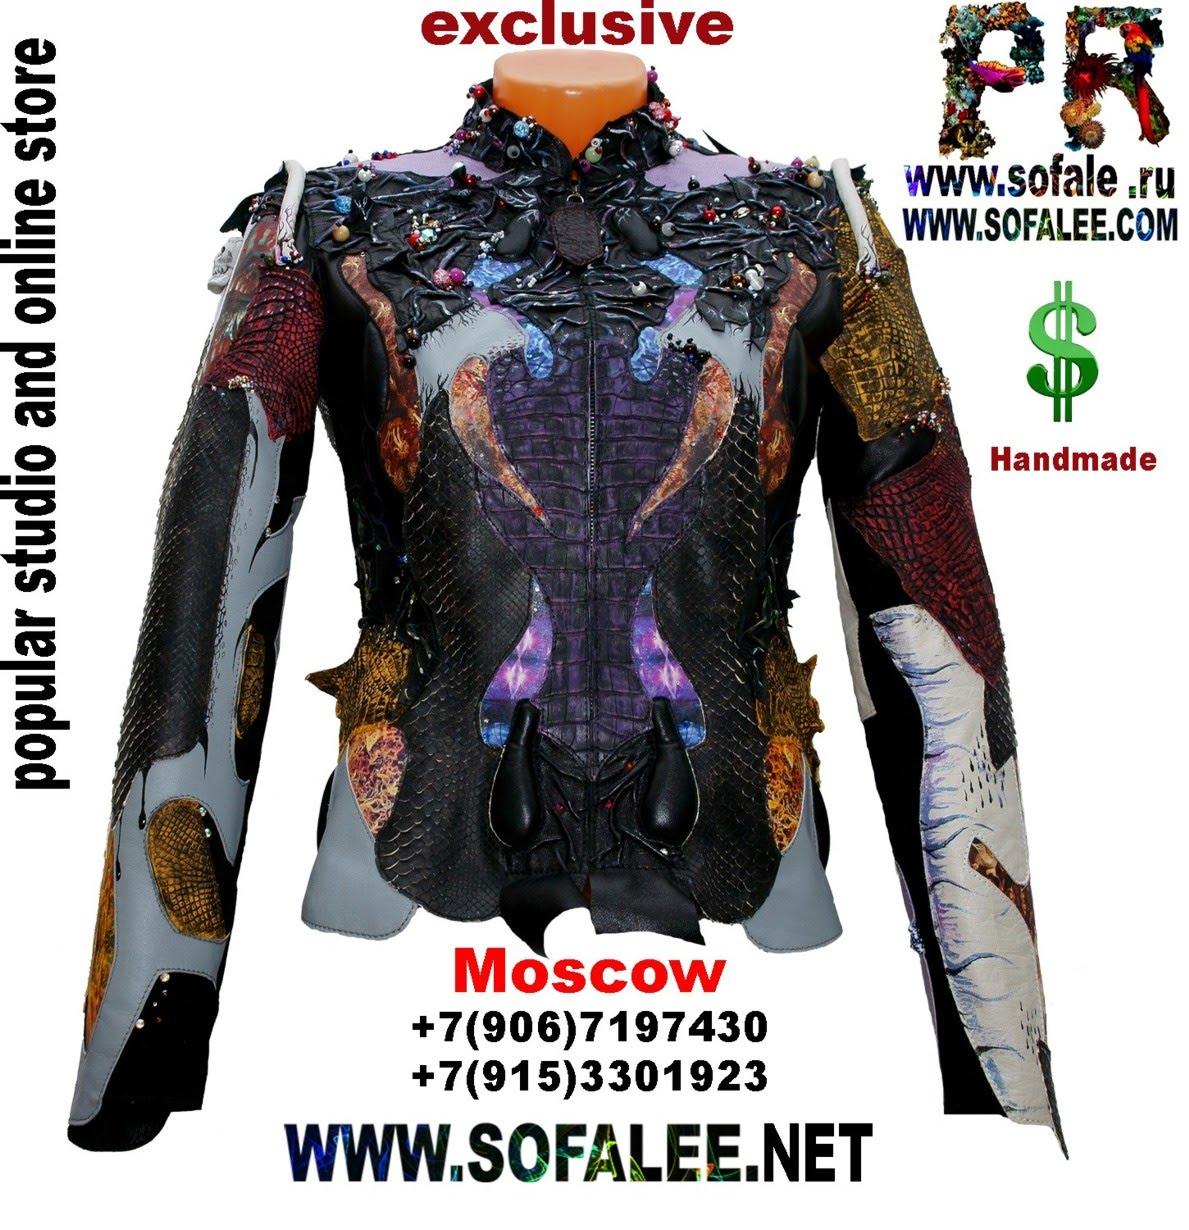 куртка из кожи крокодила и питона с вышивкой 1